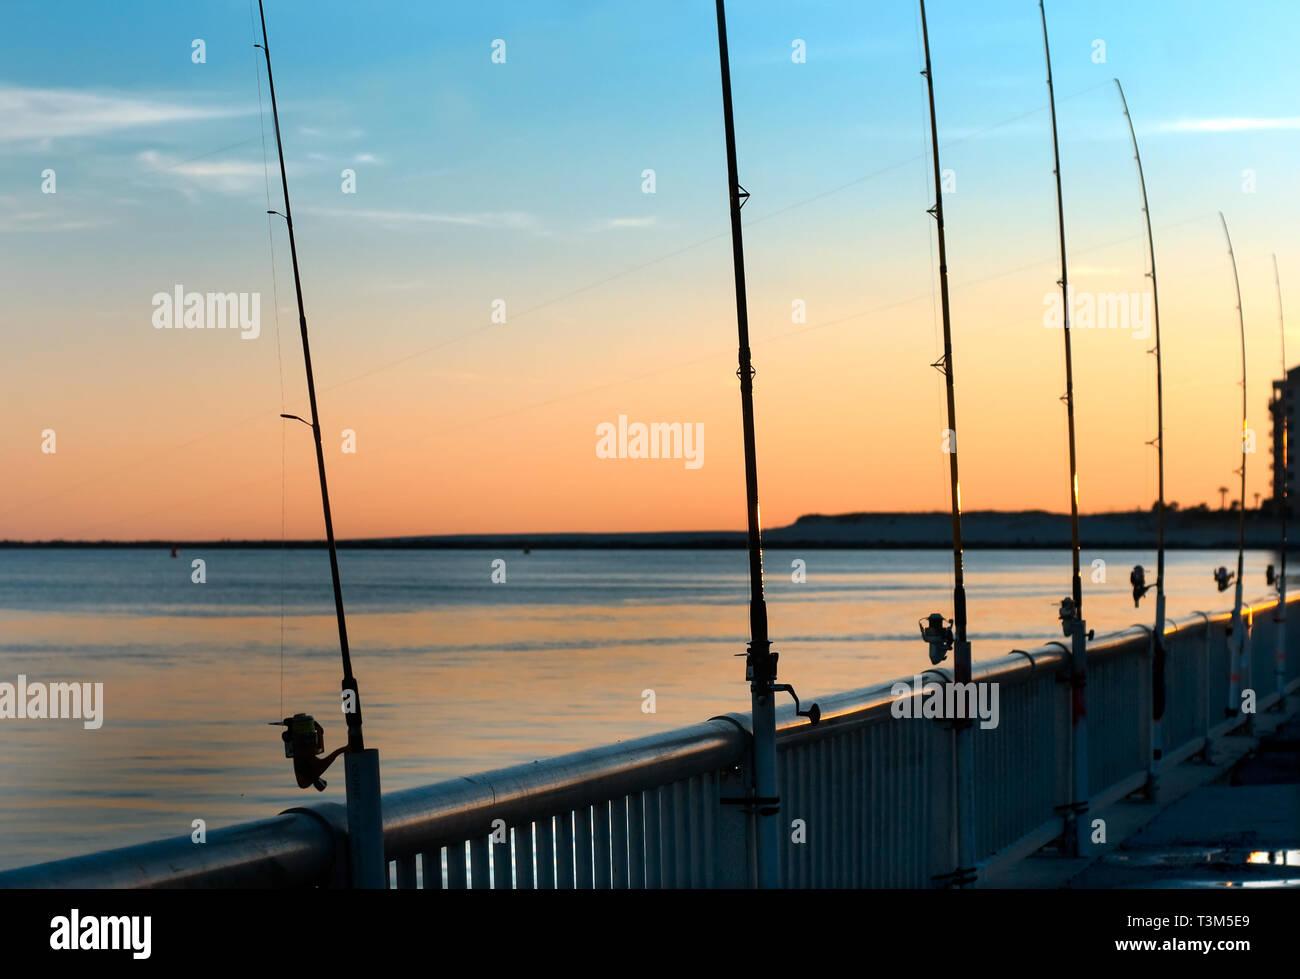 Poli di pesca rimangono inattivi come il sole tramonta a Florida punto pier, nov. 12, 2009, in Orange Beach, Alabama. Foto Stock